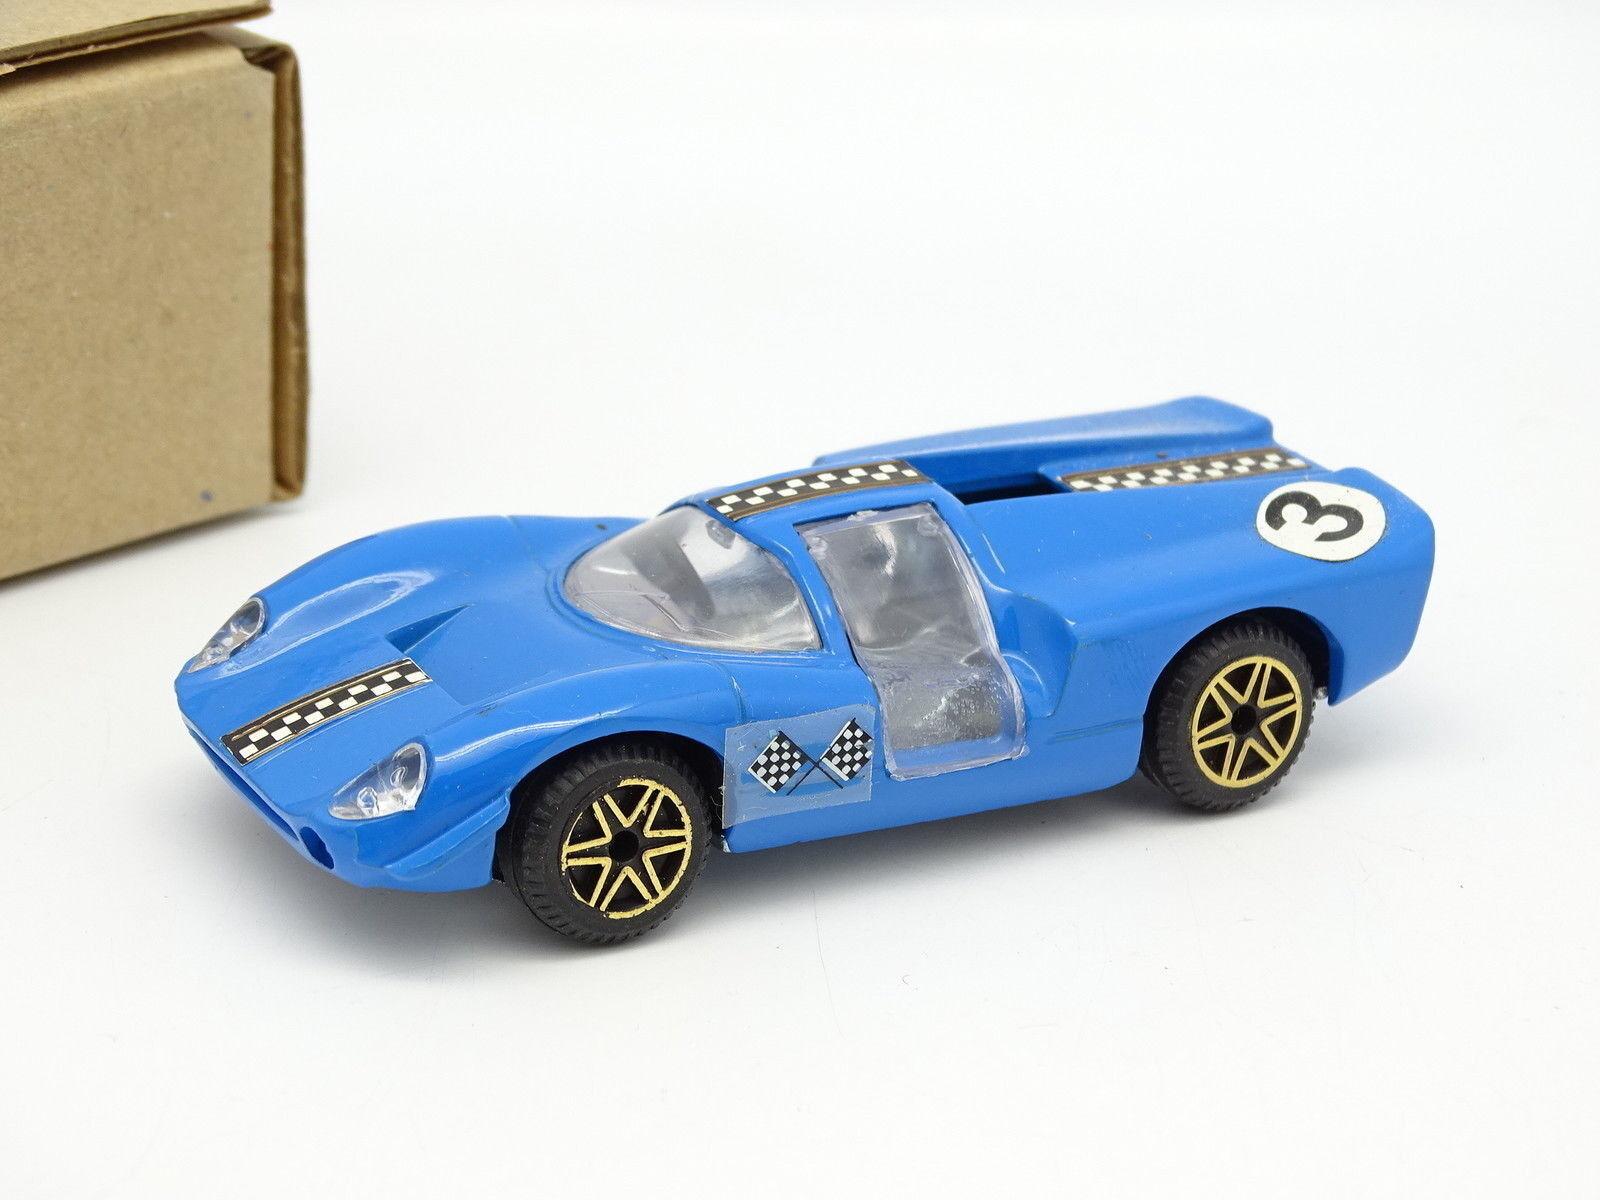 Politoys SB 1 43 - Lola Aston Martin Bleue 565